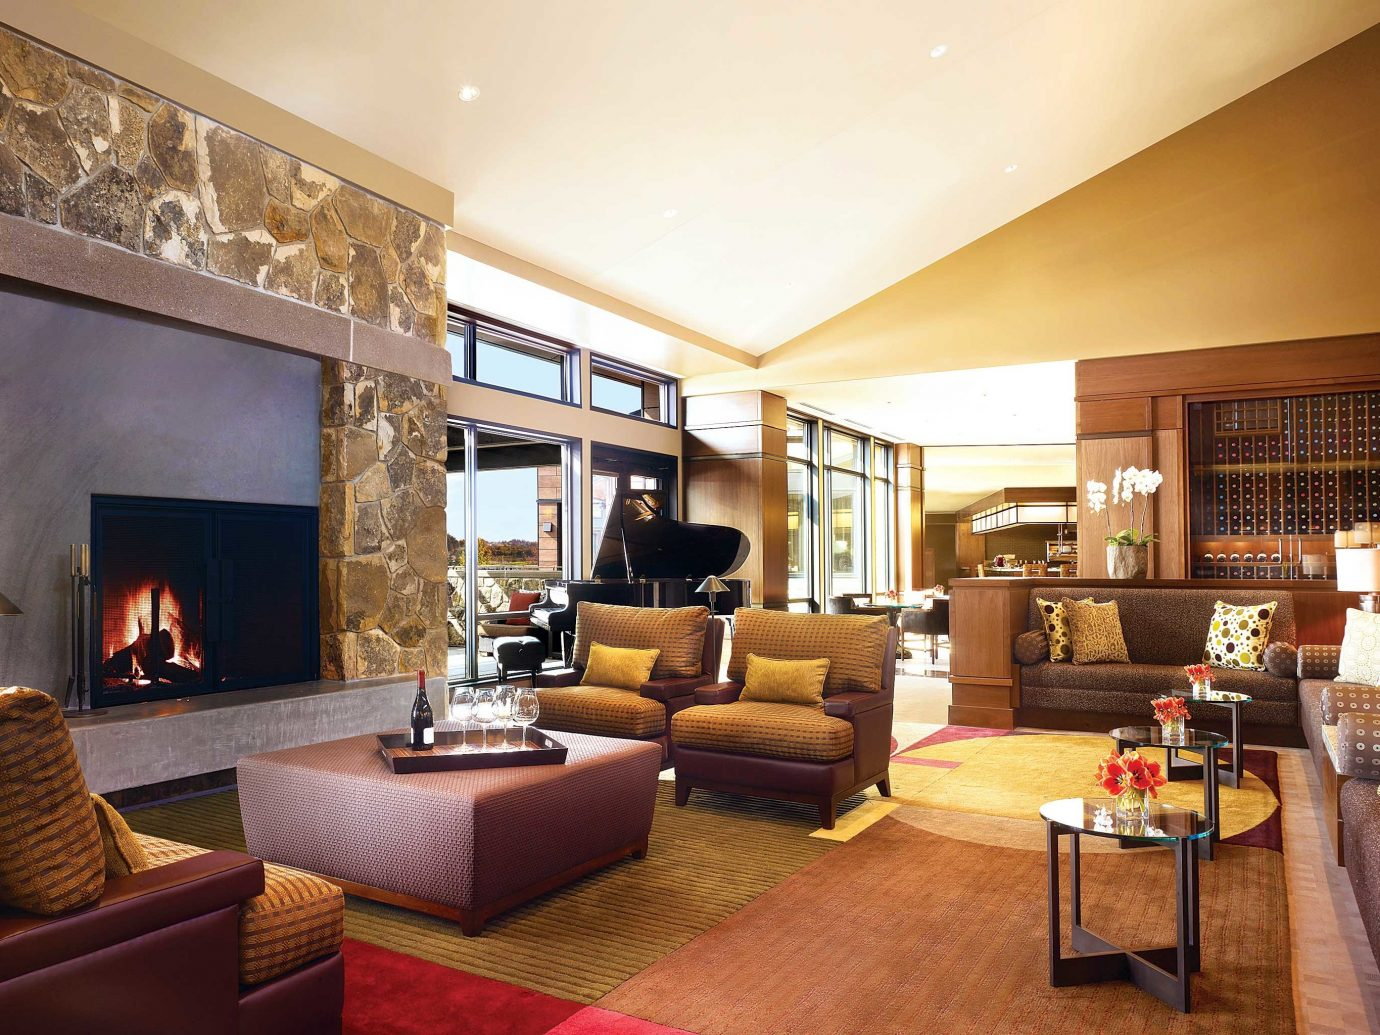 Living room at Allison Inn & Spa